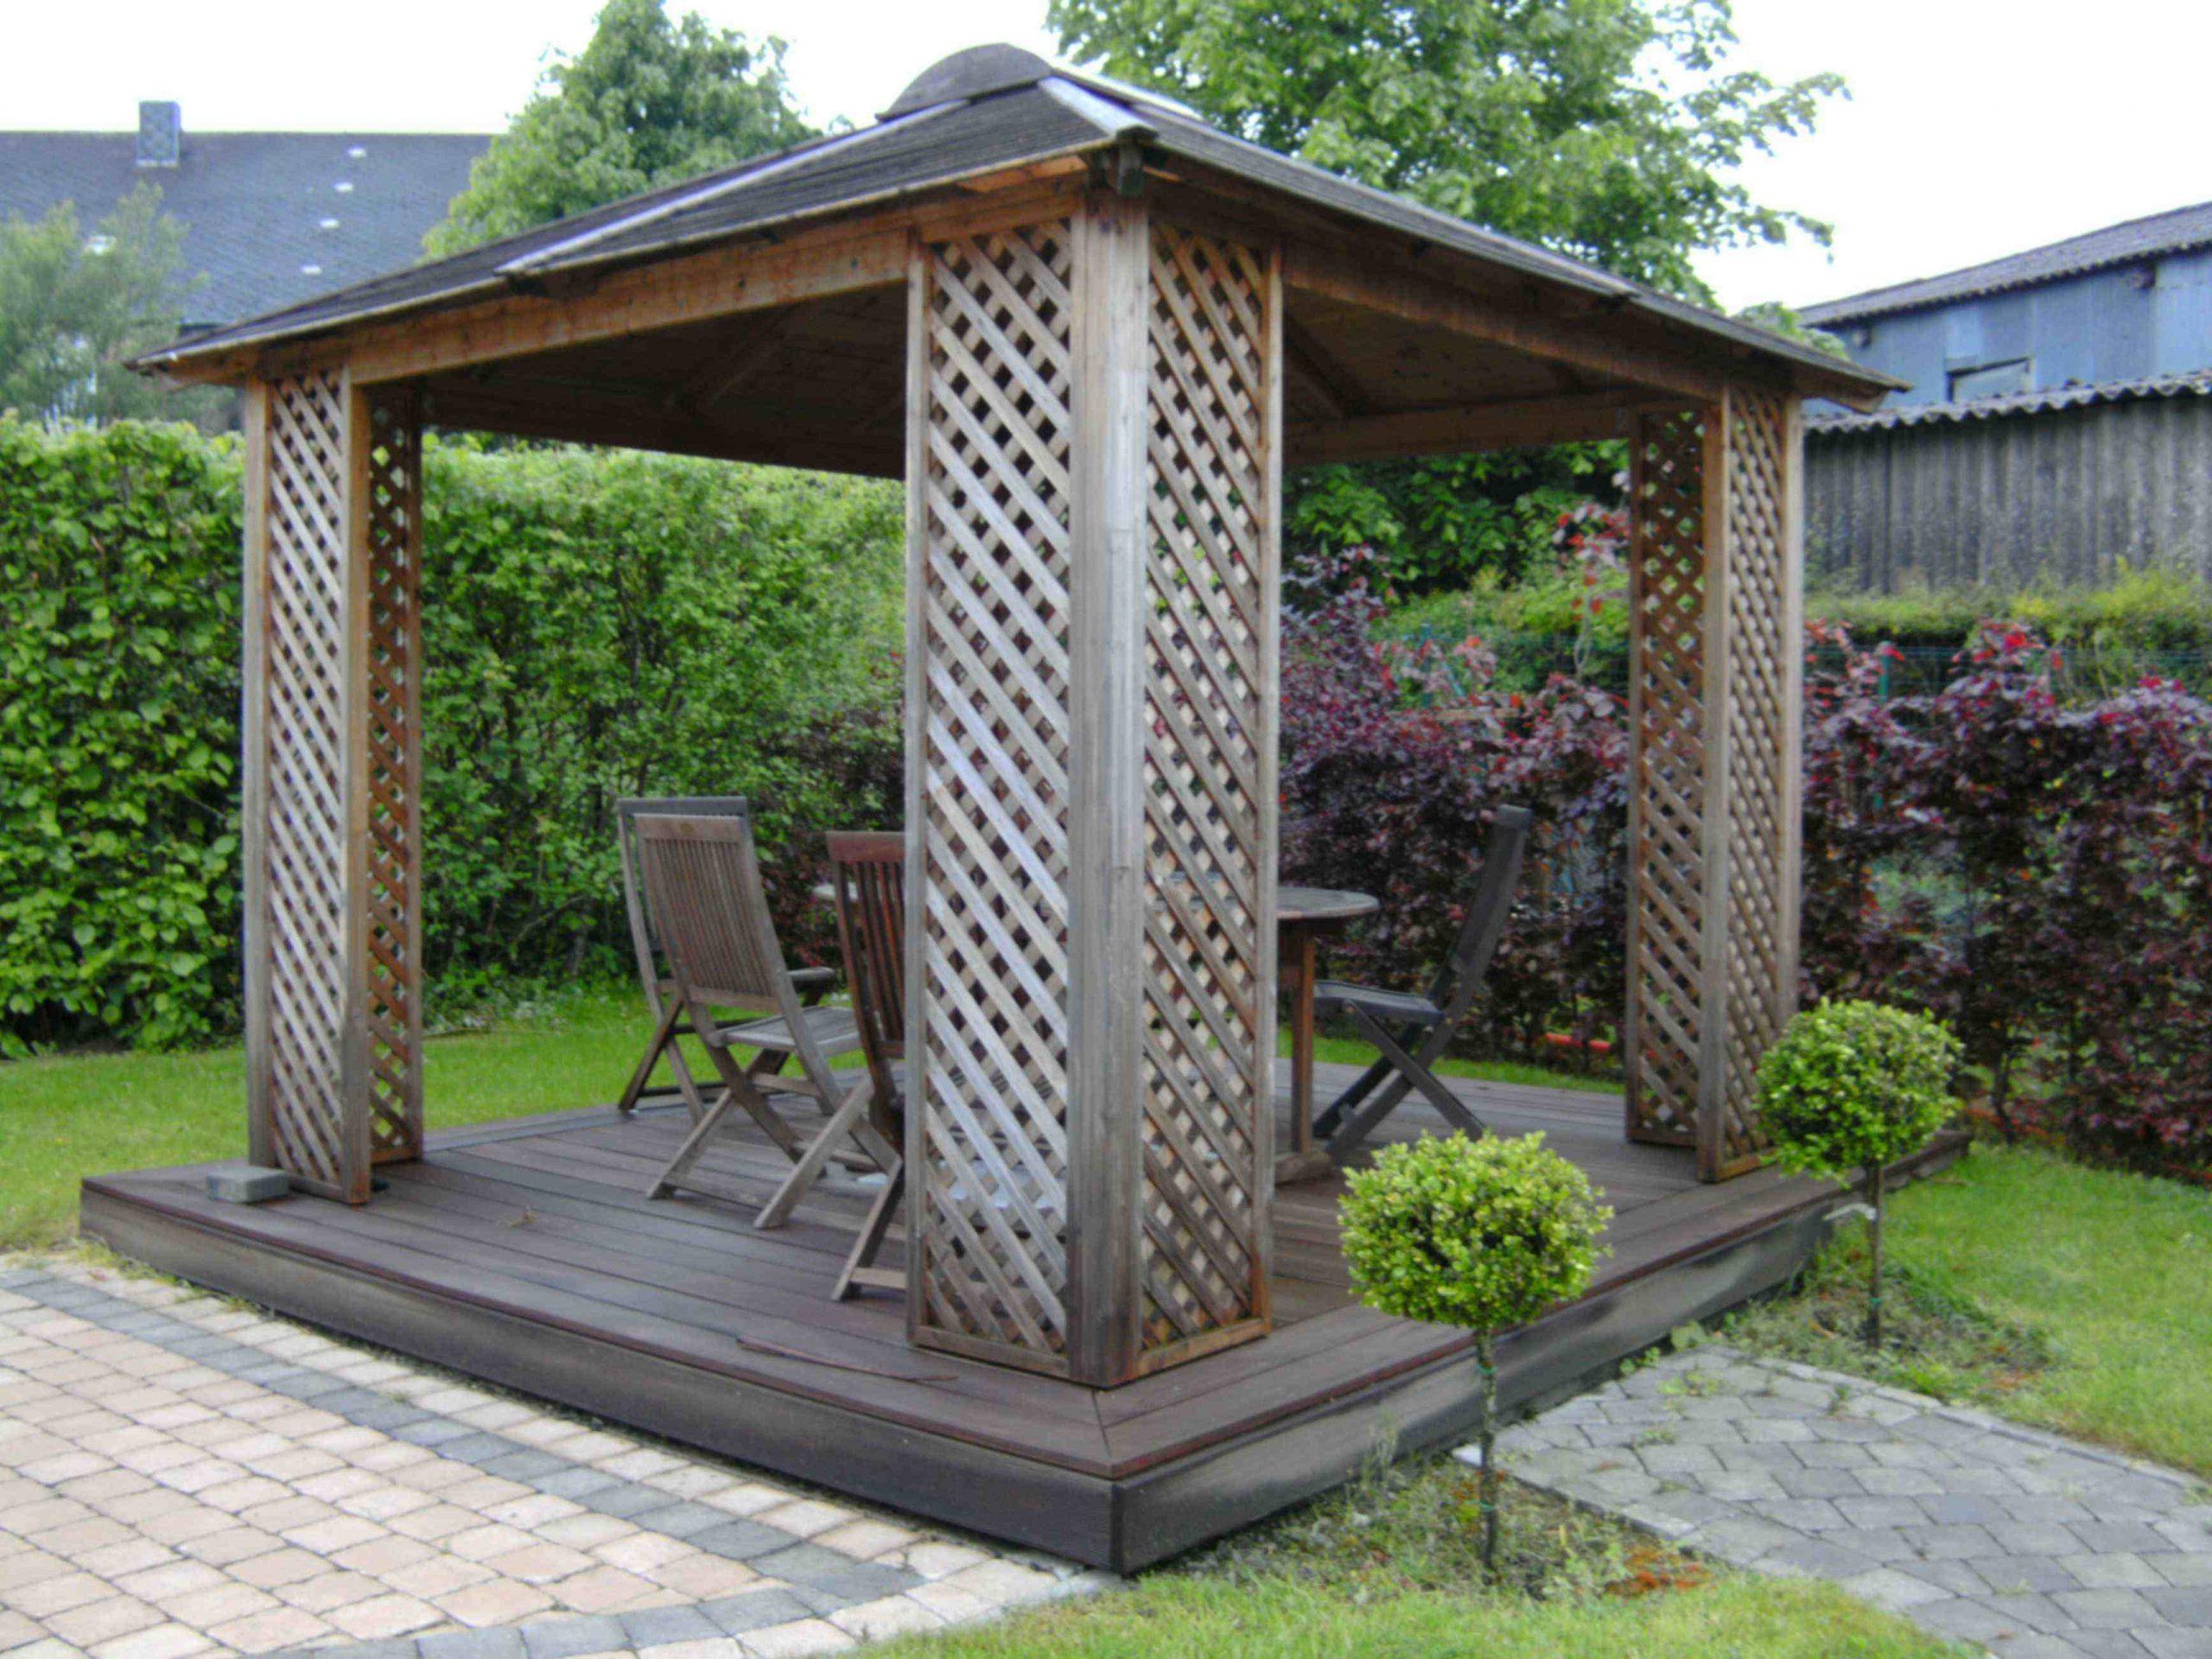 Tonnelle De Jardin En Bois Belgique, Namur pour Tonnelle De Jardin En Bois